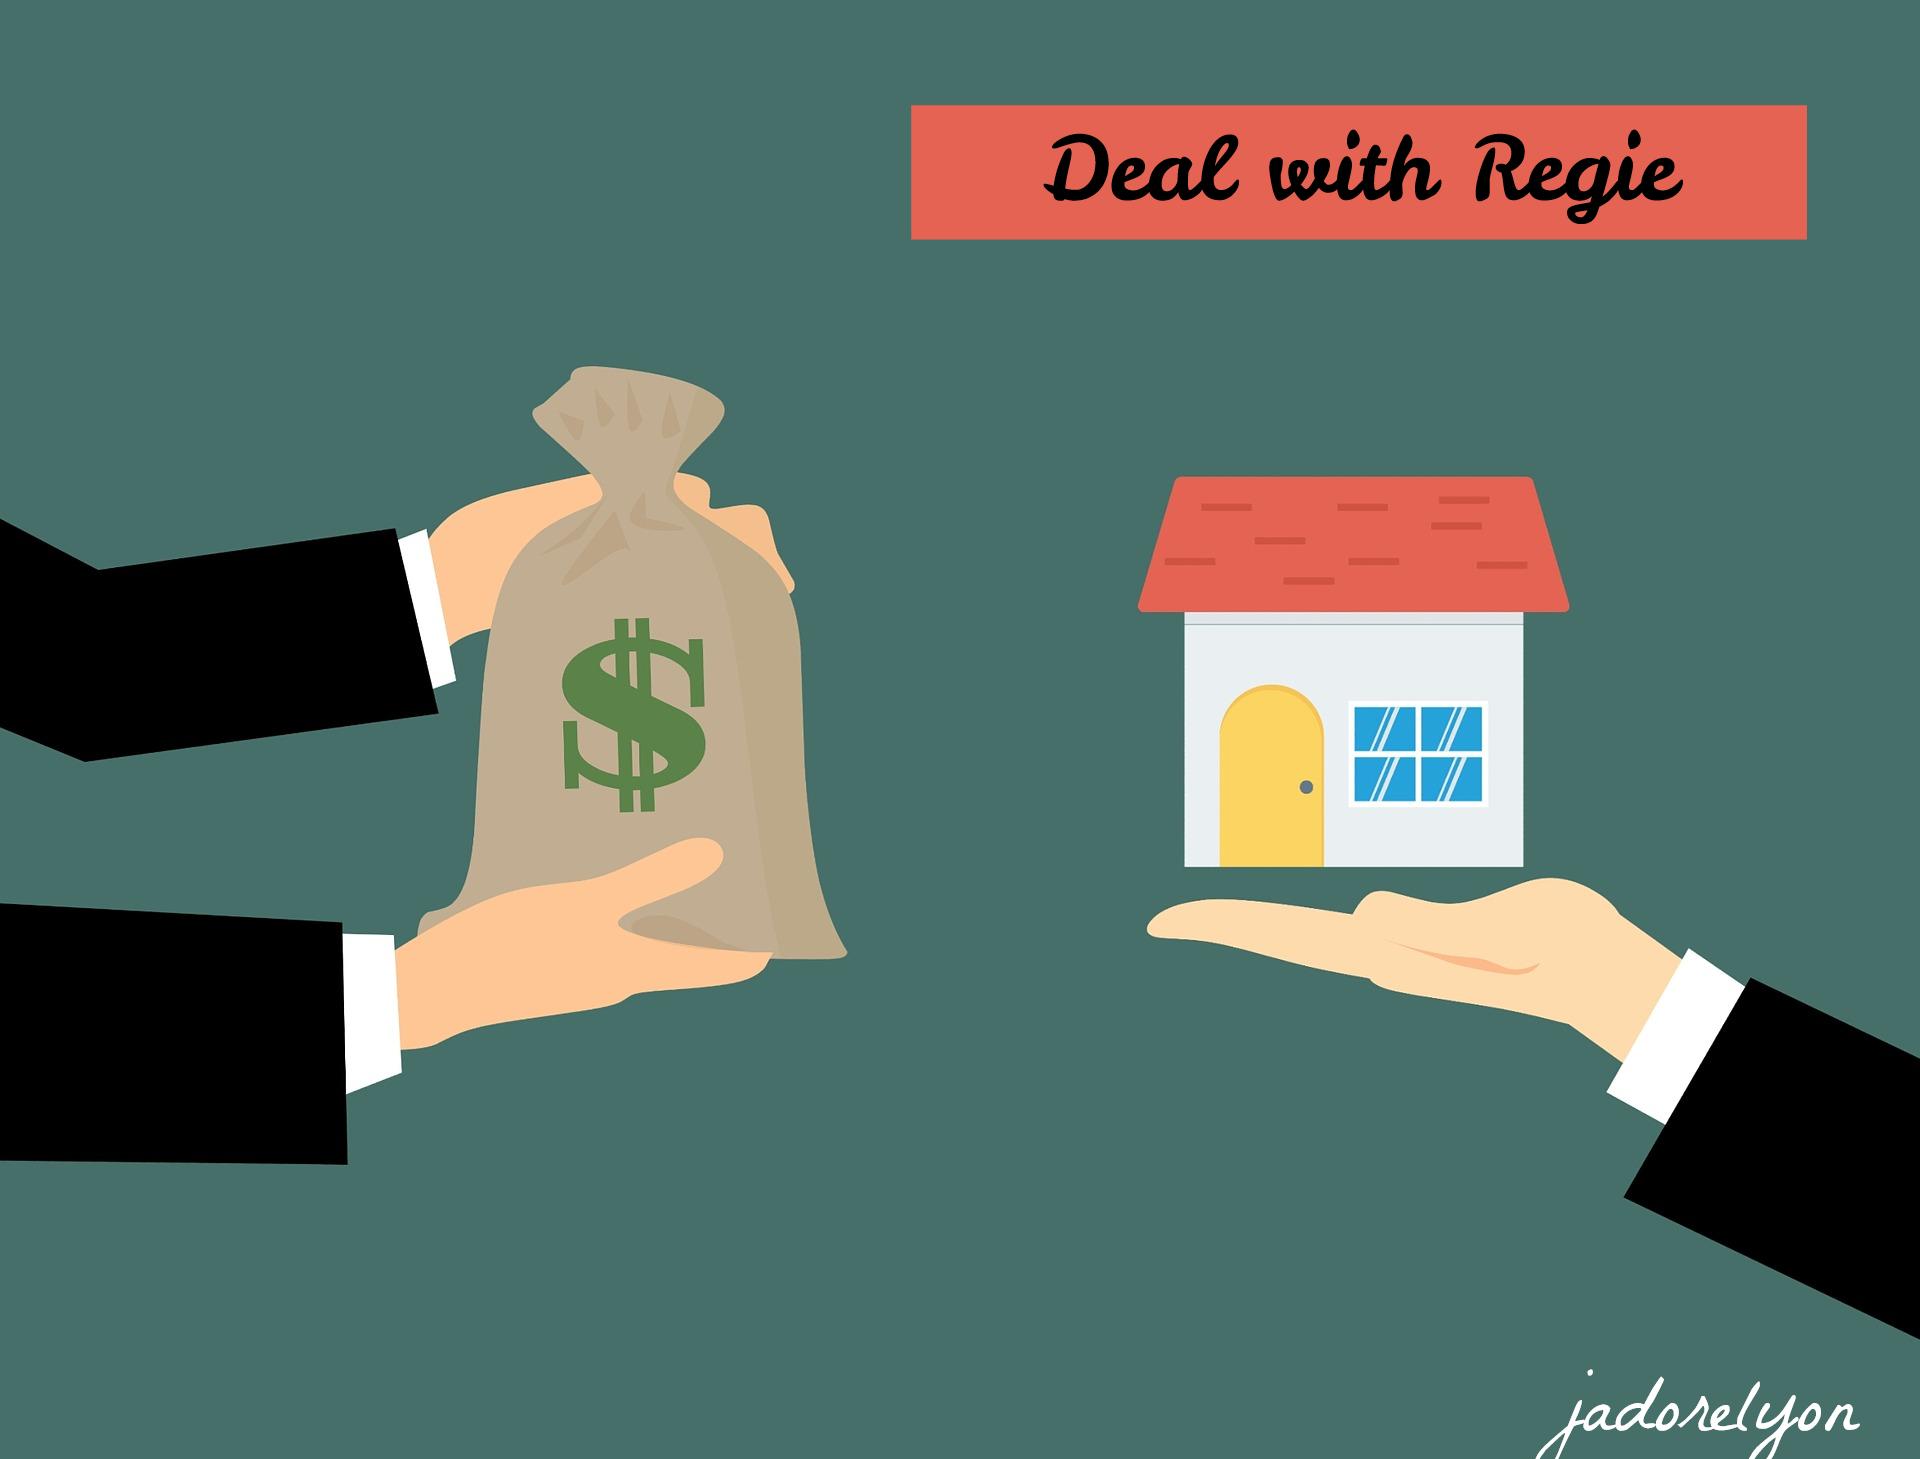 Deal with Regie